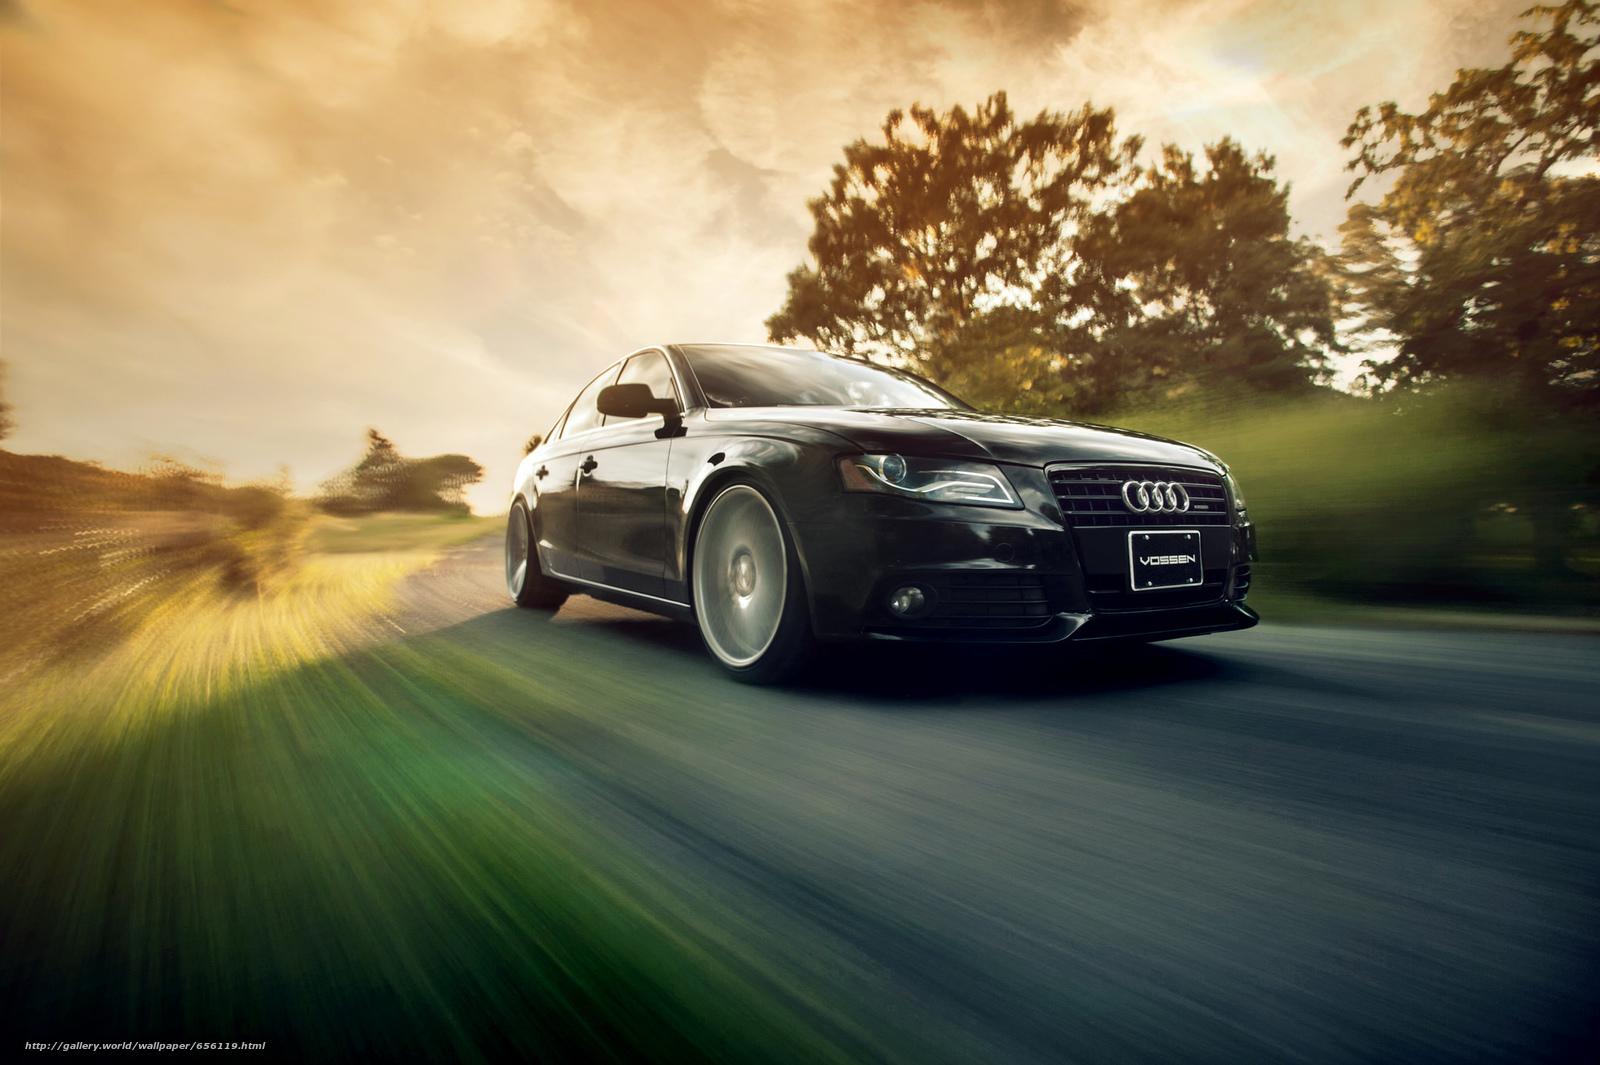 Скачать обои Audi,  машина,  автомобиль бесплатно для рабочего стола в разрешении 2048x1363 — картинка №656119